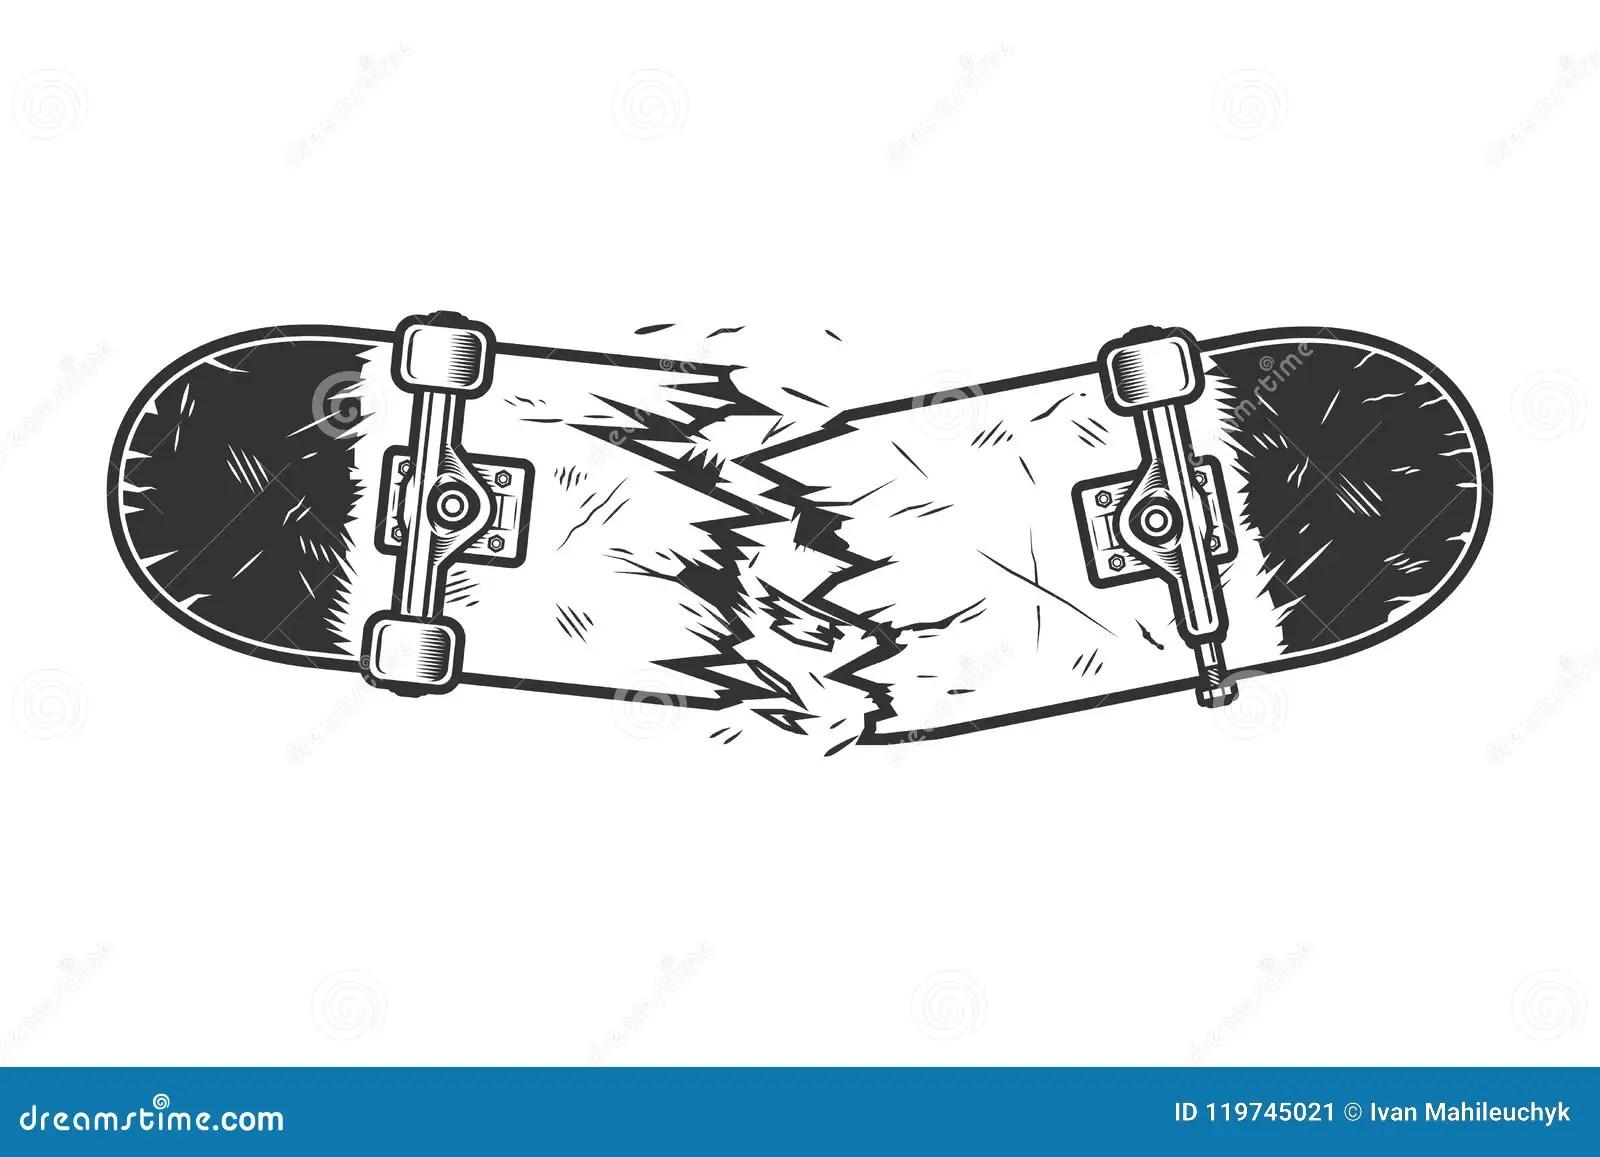 Broken Skateboard Stock Illustrations 105 Broken